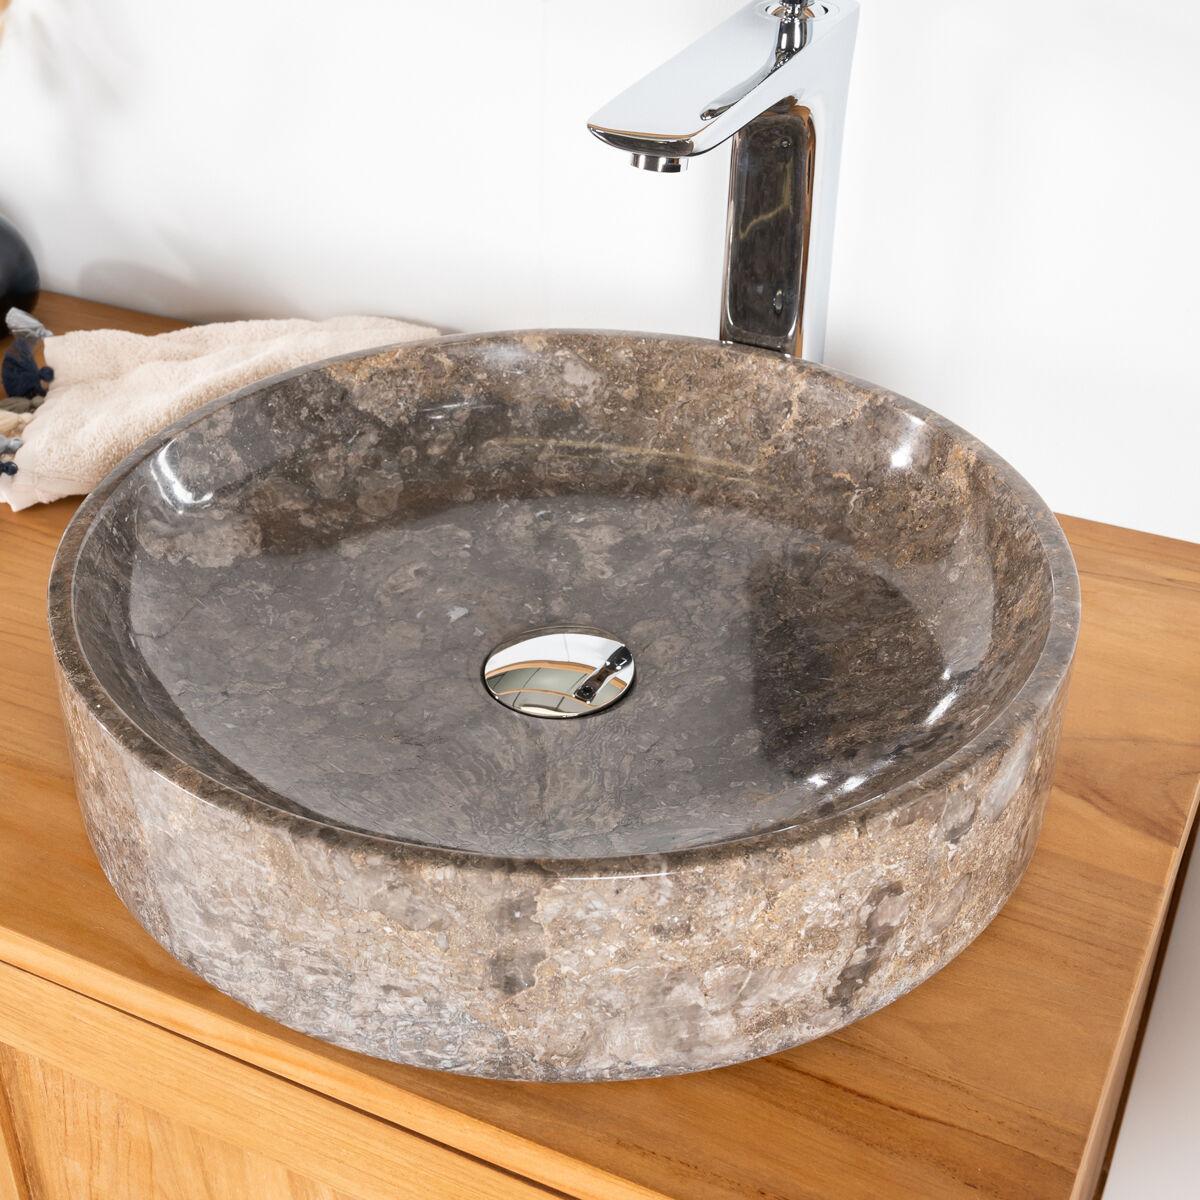 Wanda Collection vasque de salle de bain à poser en marbre Mino grise